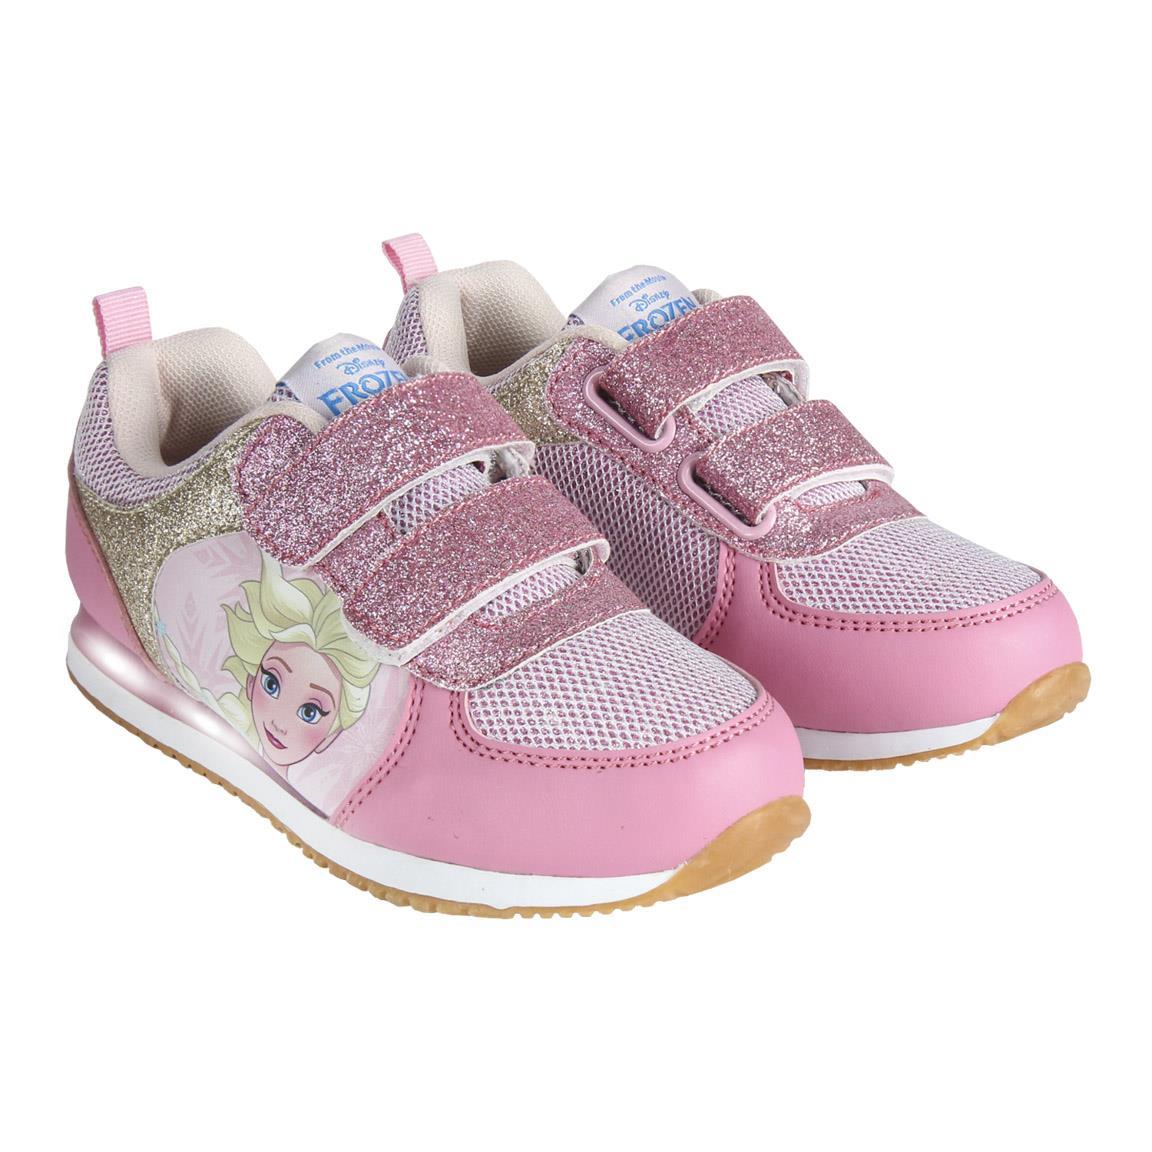 Pantofi Sport Frozen, Alb/roz